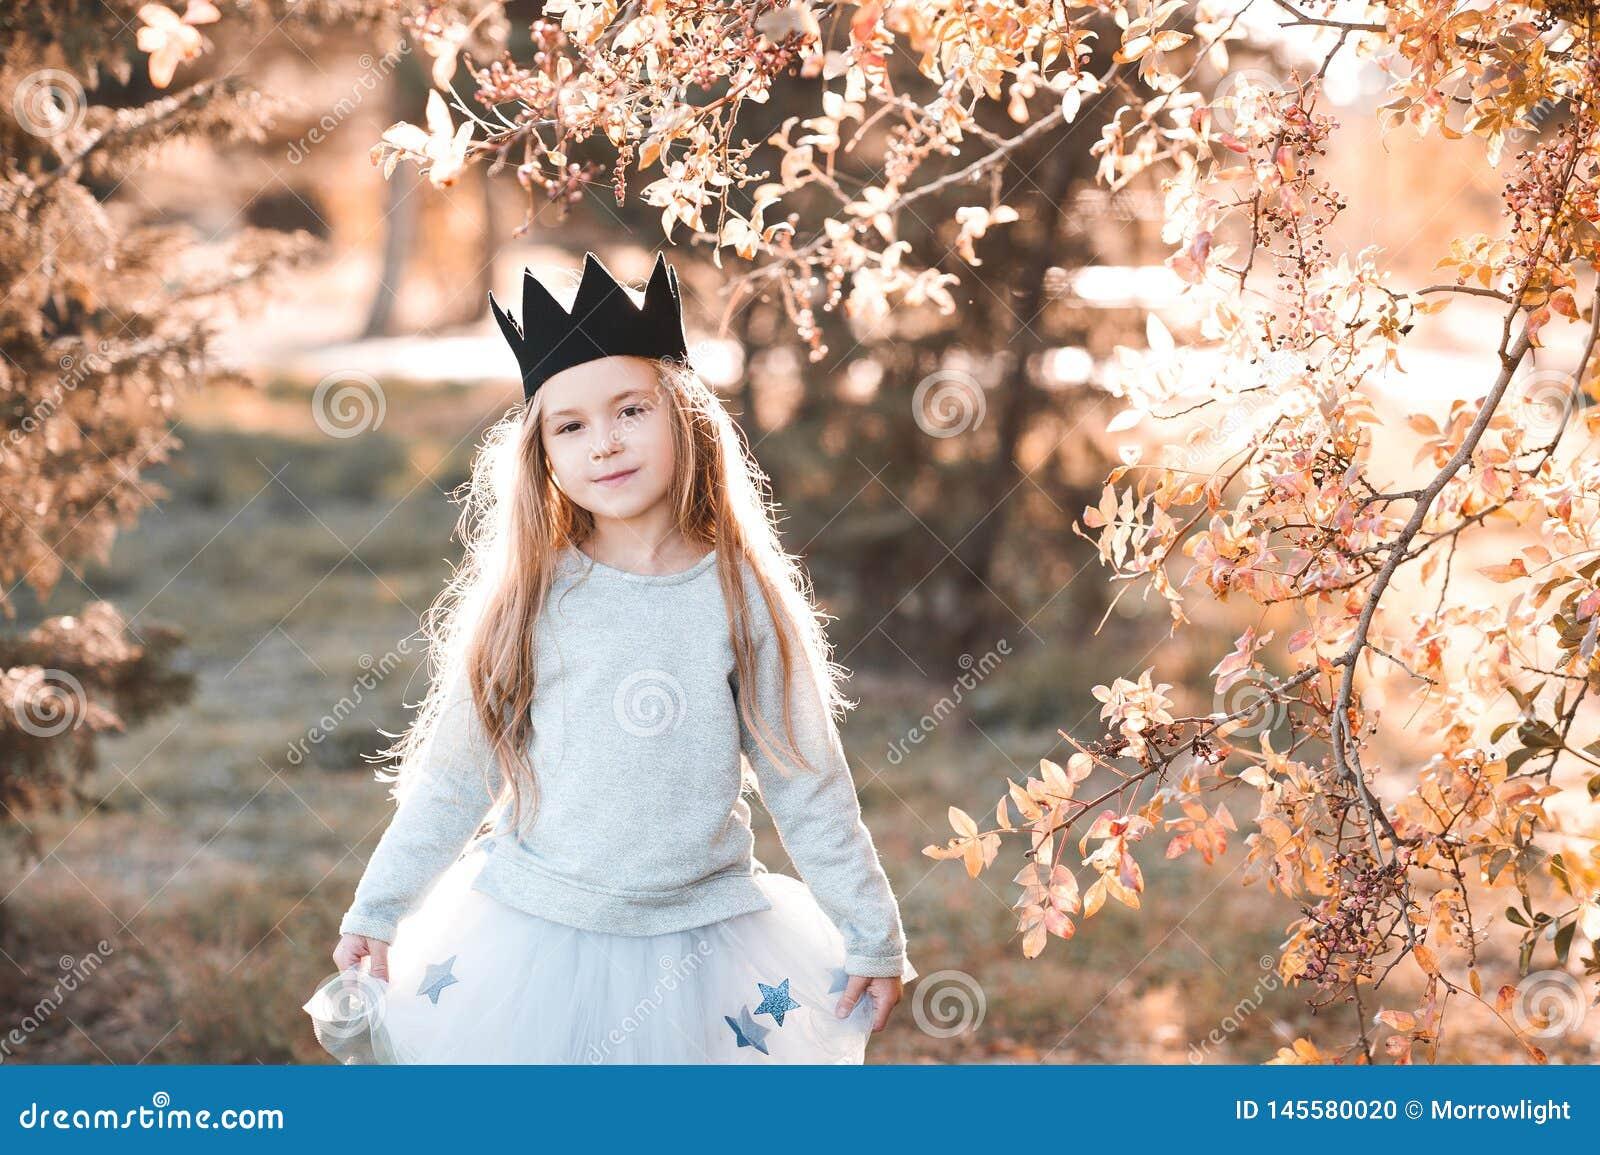 Stylish child outdoors